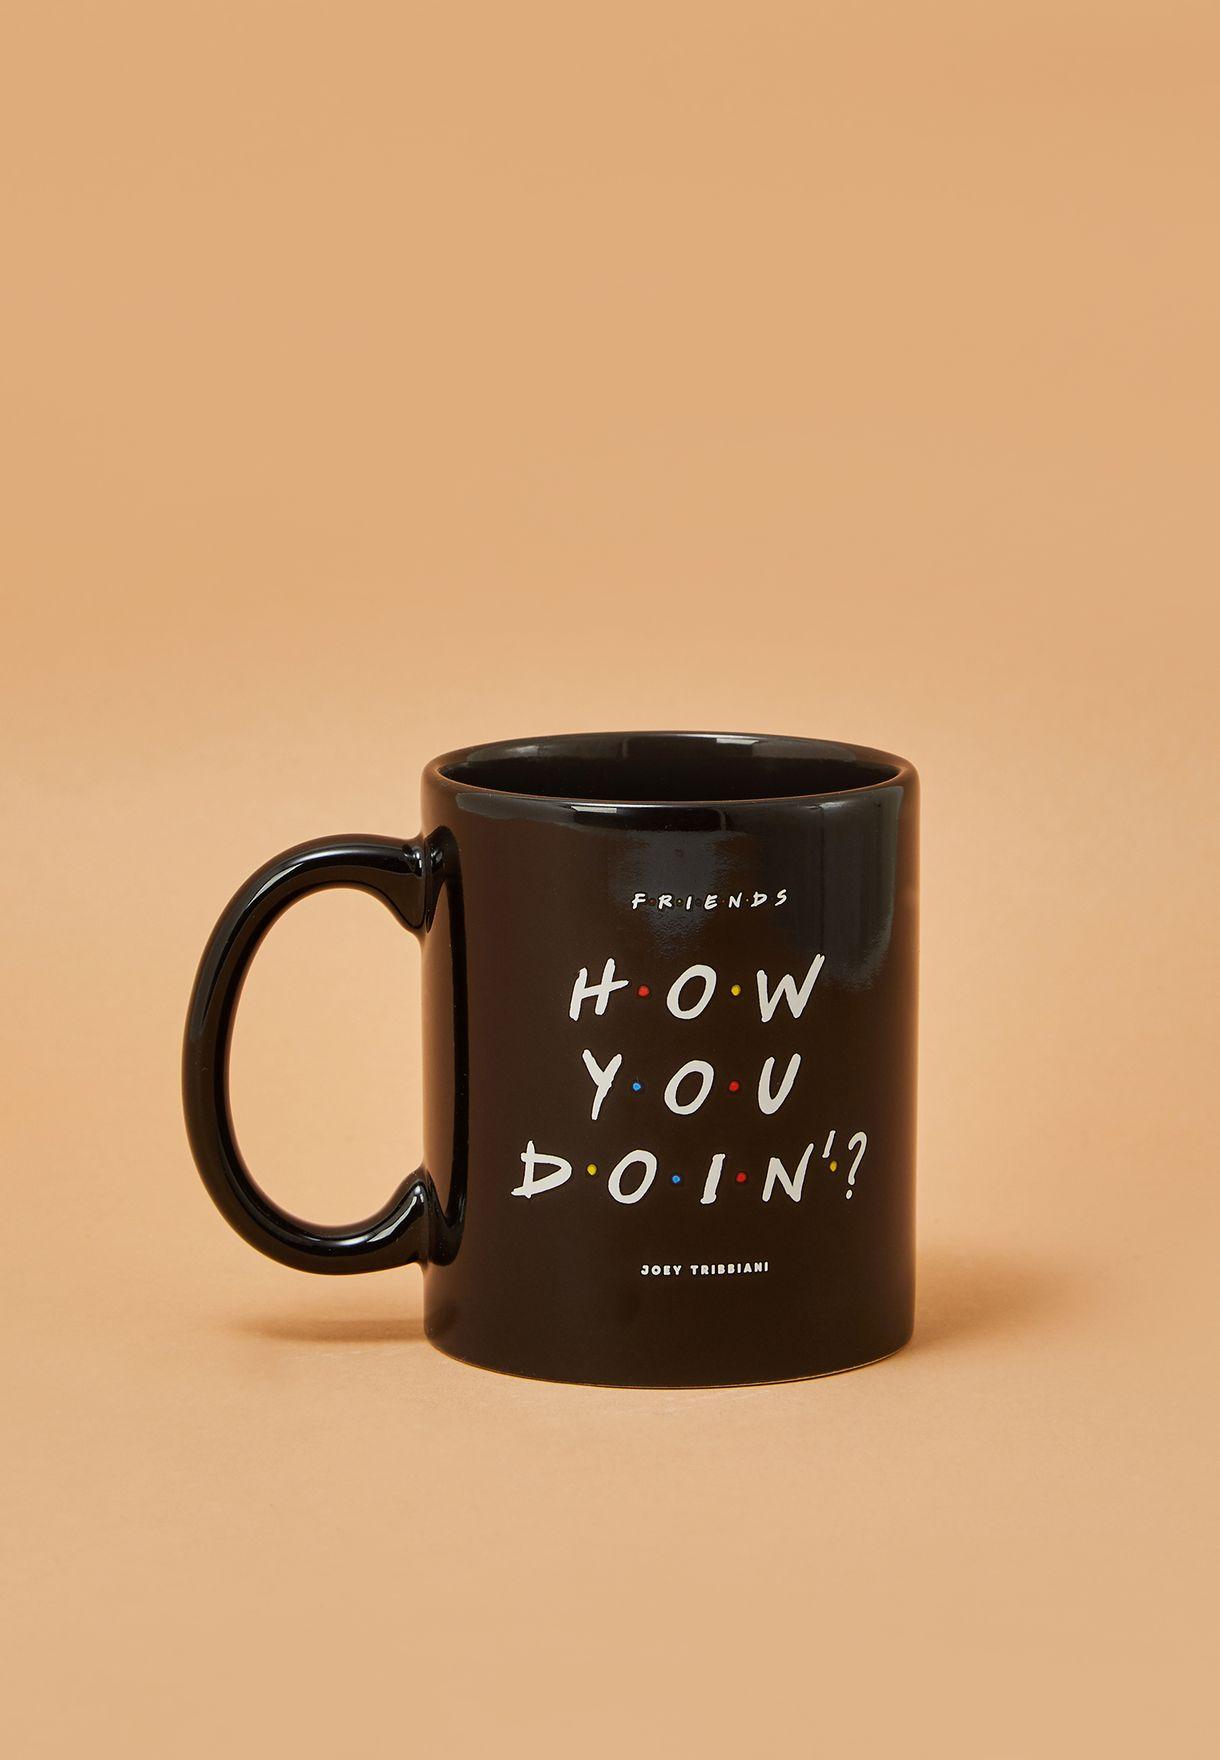 How You Doin Friends Mug